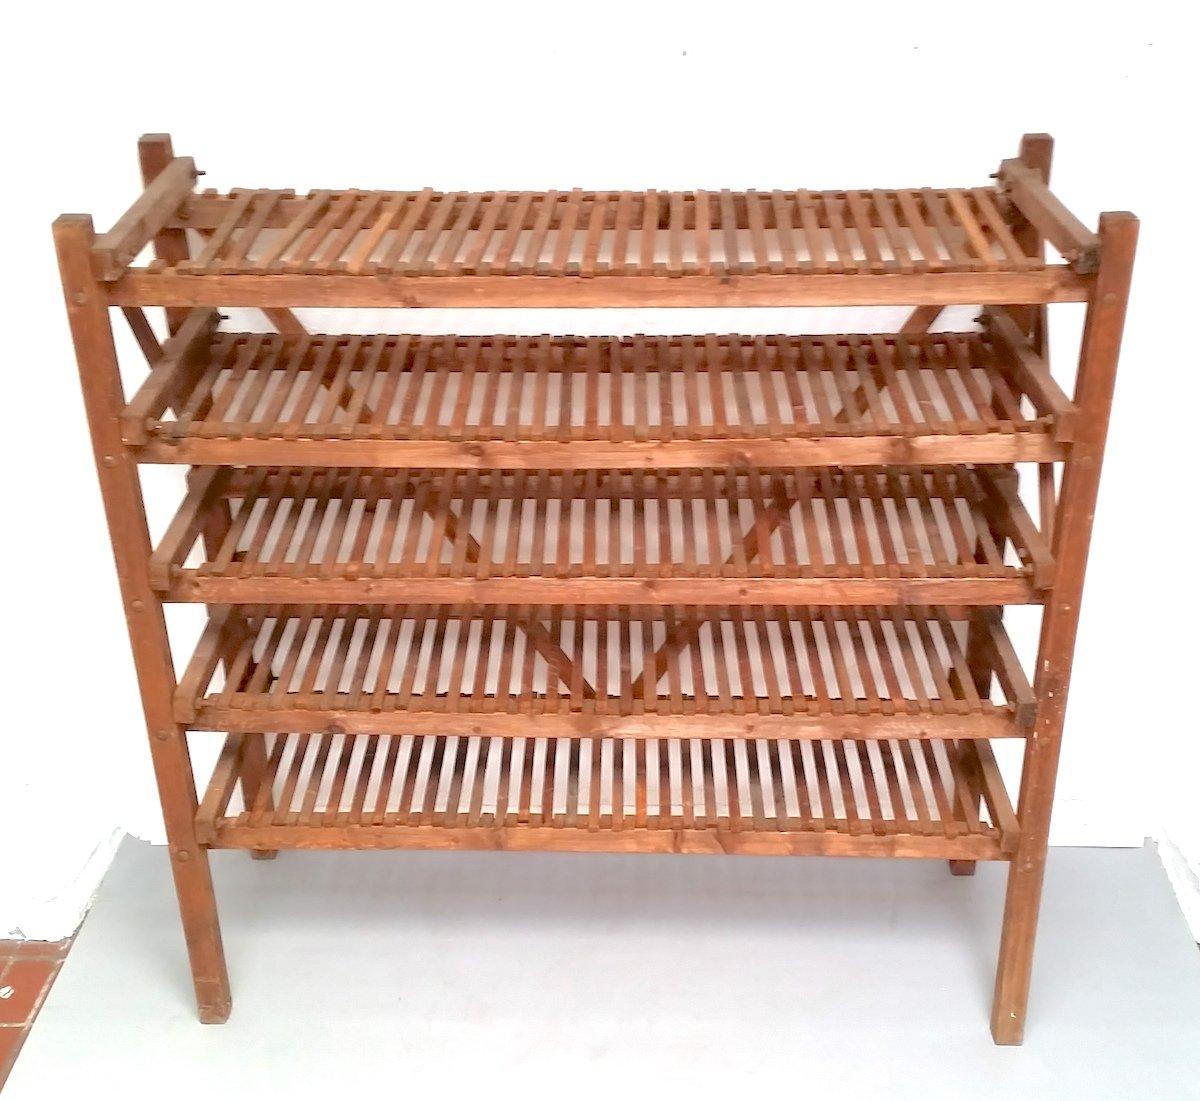 tag re de boulangerie vintage en bois 1950s en vente sur pamono. Black Bedroom Furniture Sets. Home Design Ideas